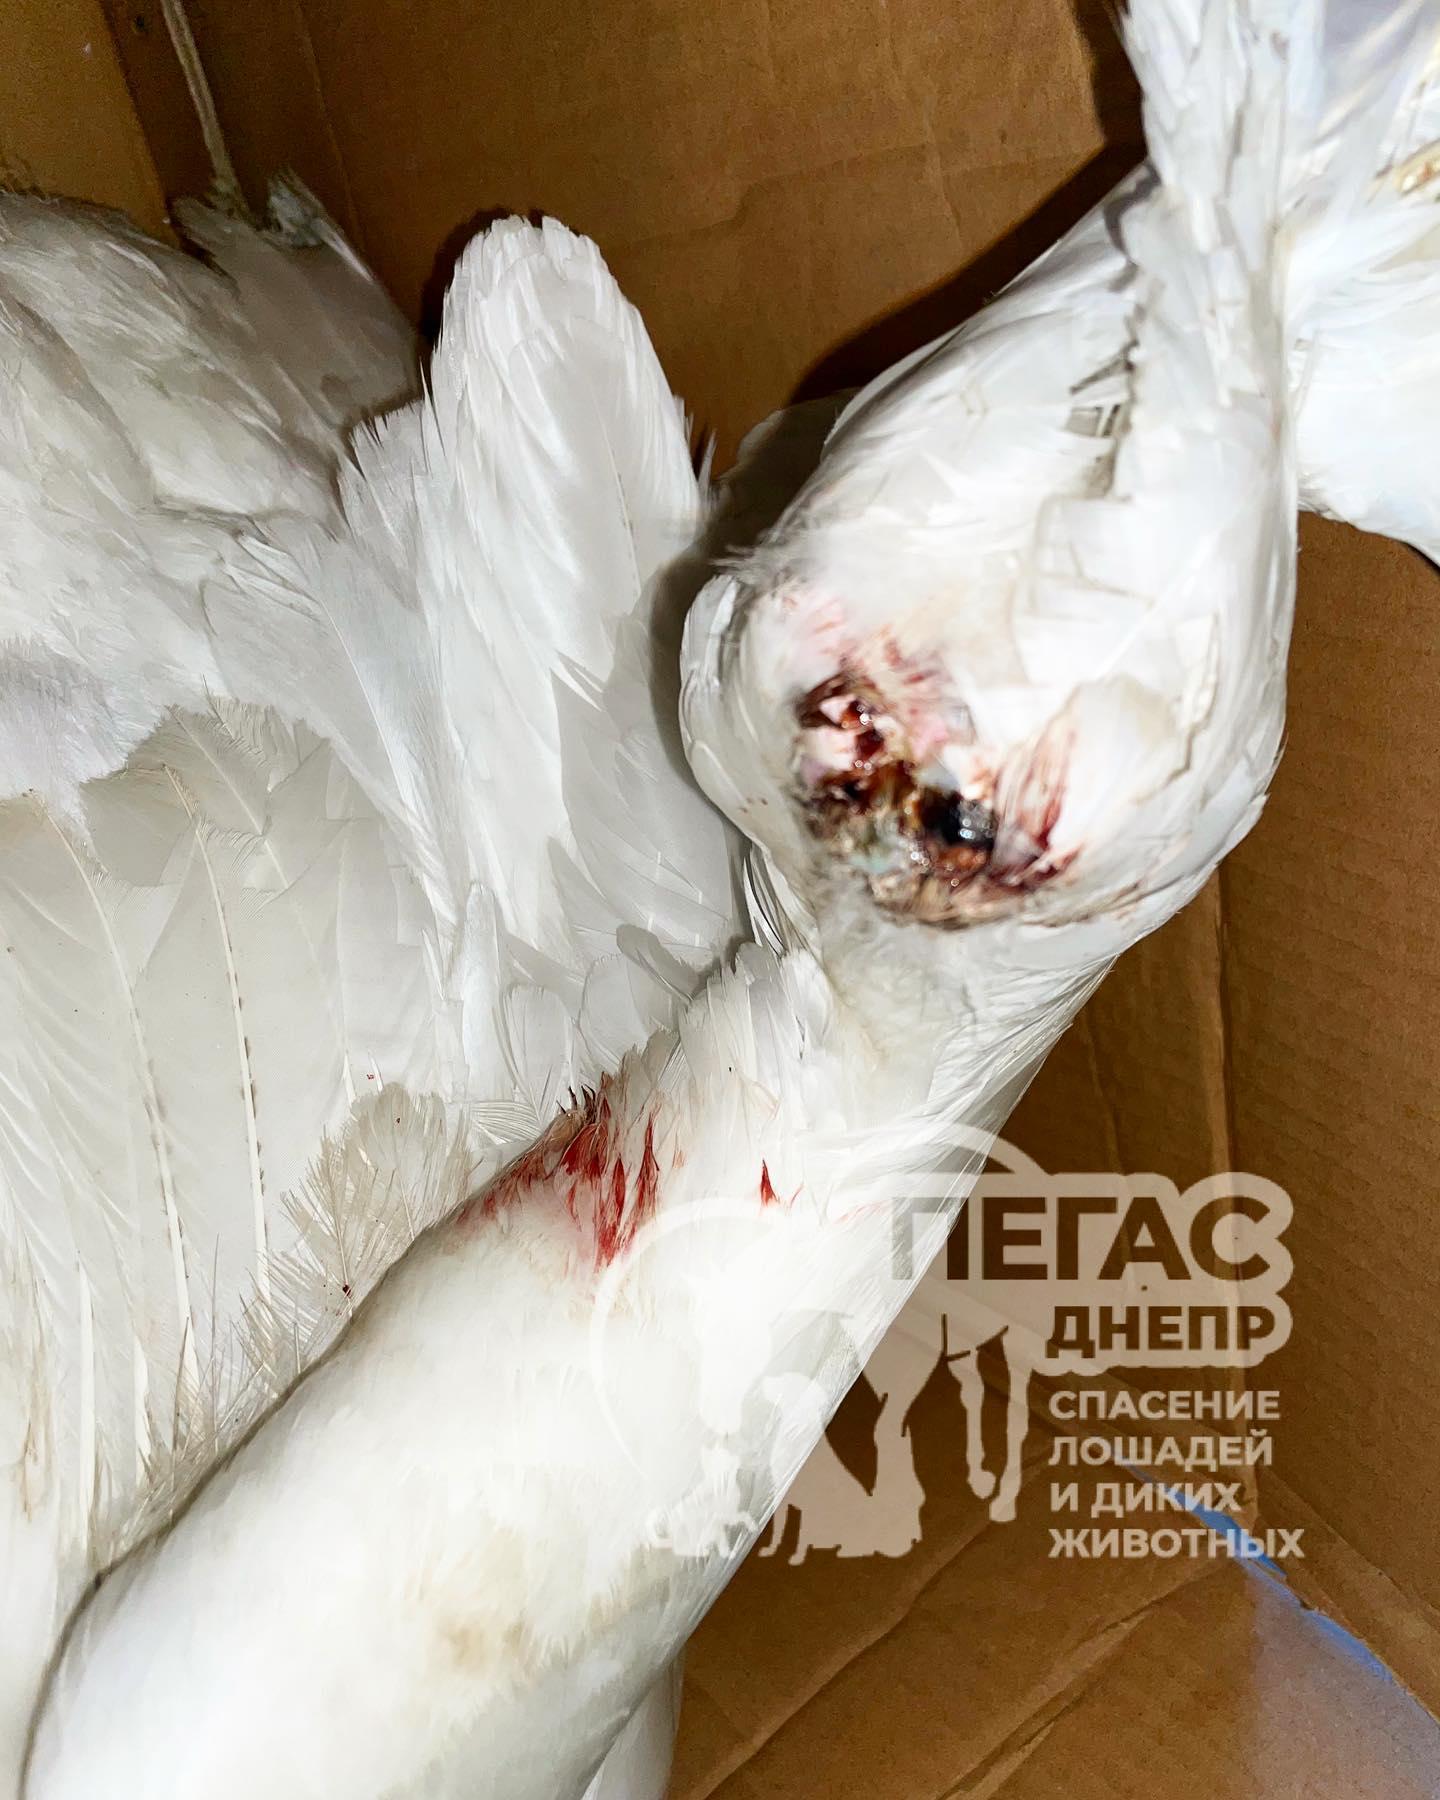 Жители Днепропетровщины спасают раненных лебедей